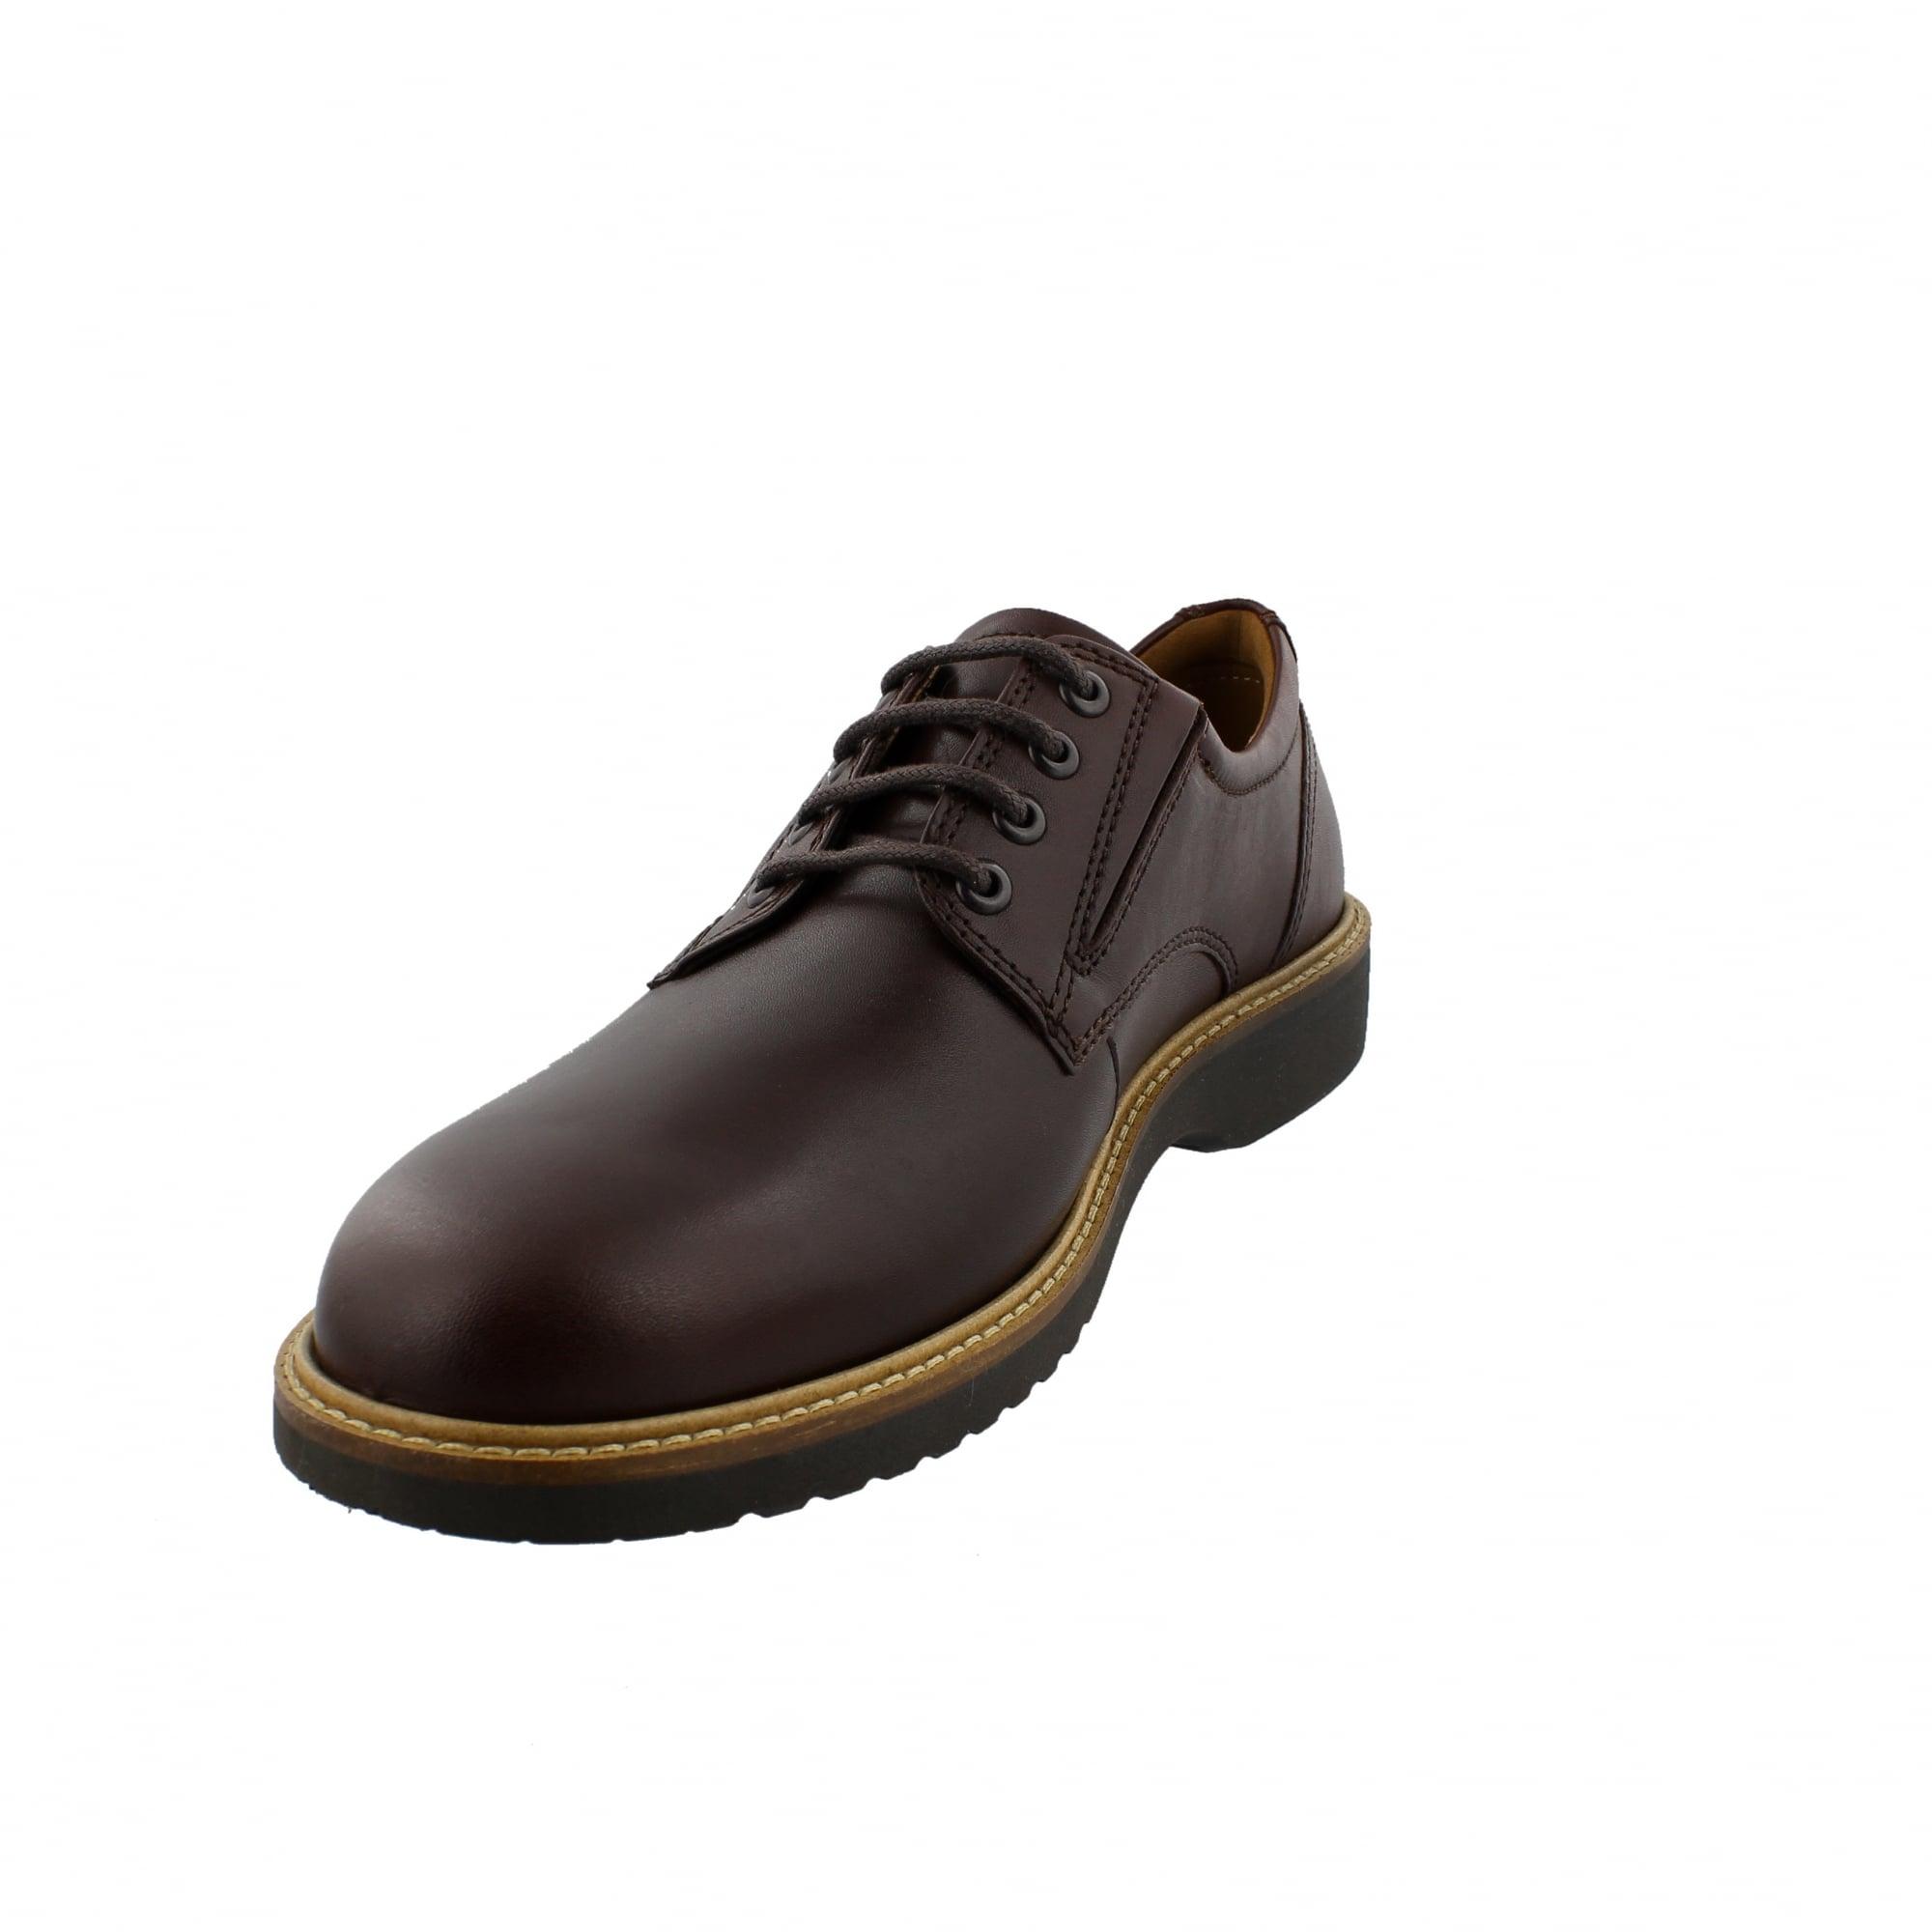 Ecco Ian 533254-01014 Mens Shoes